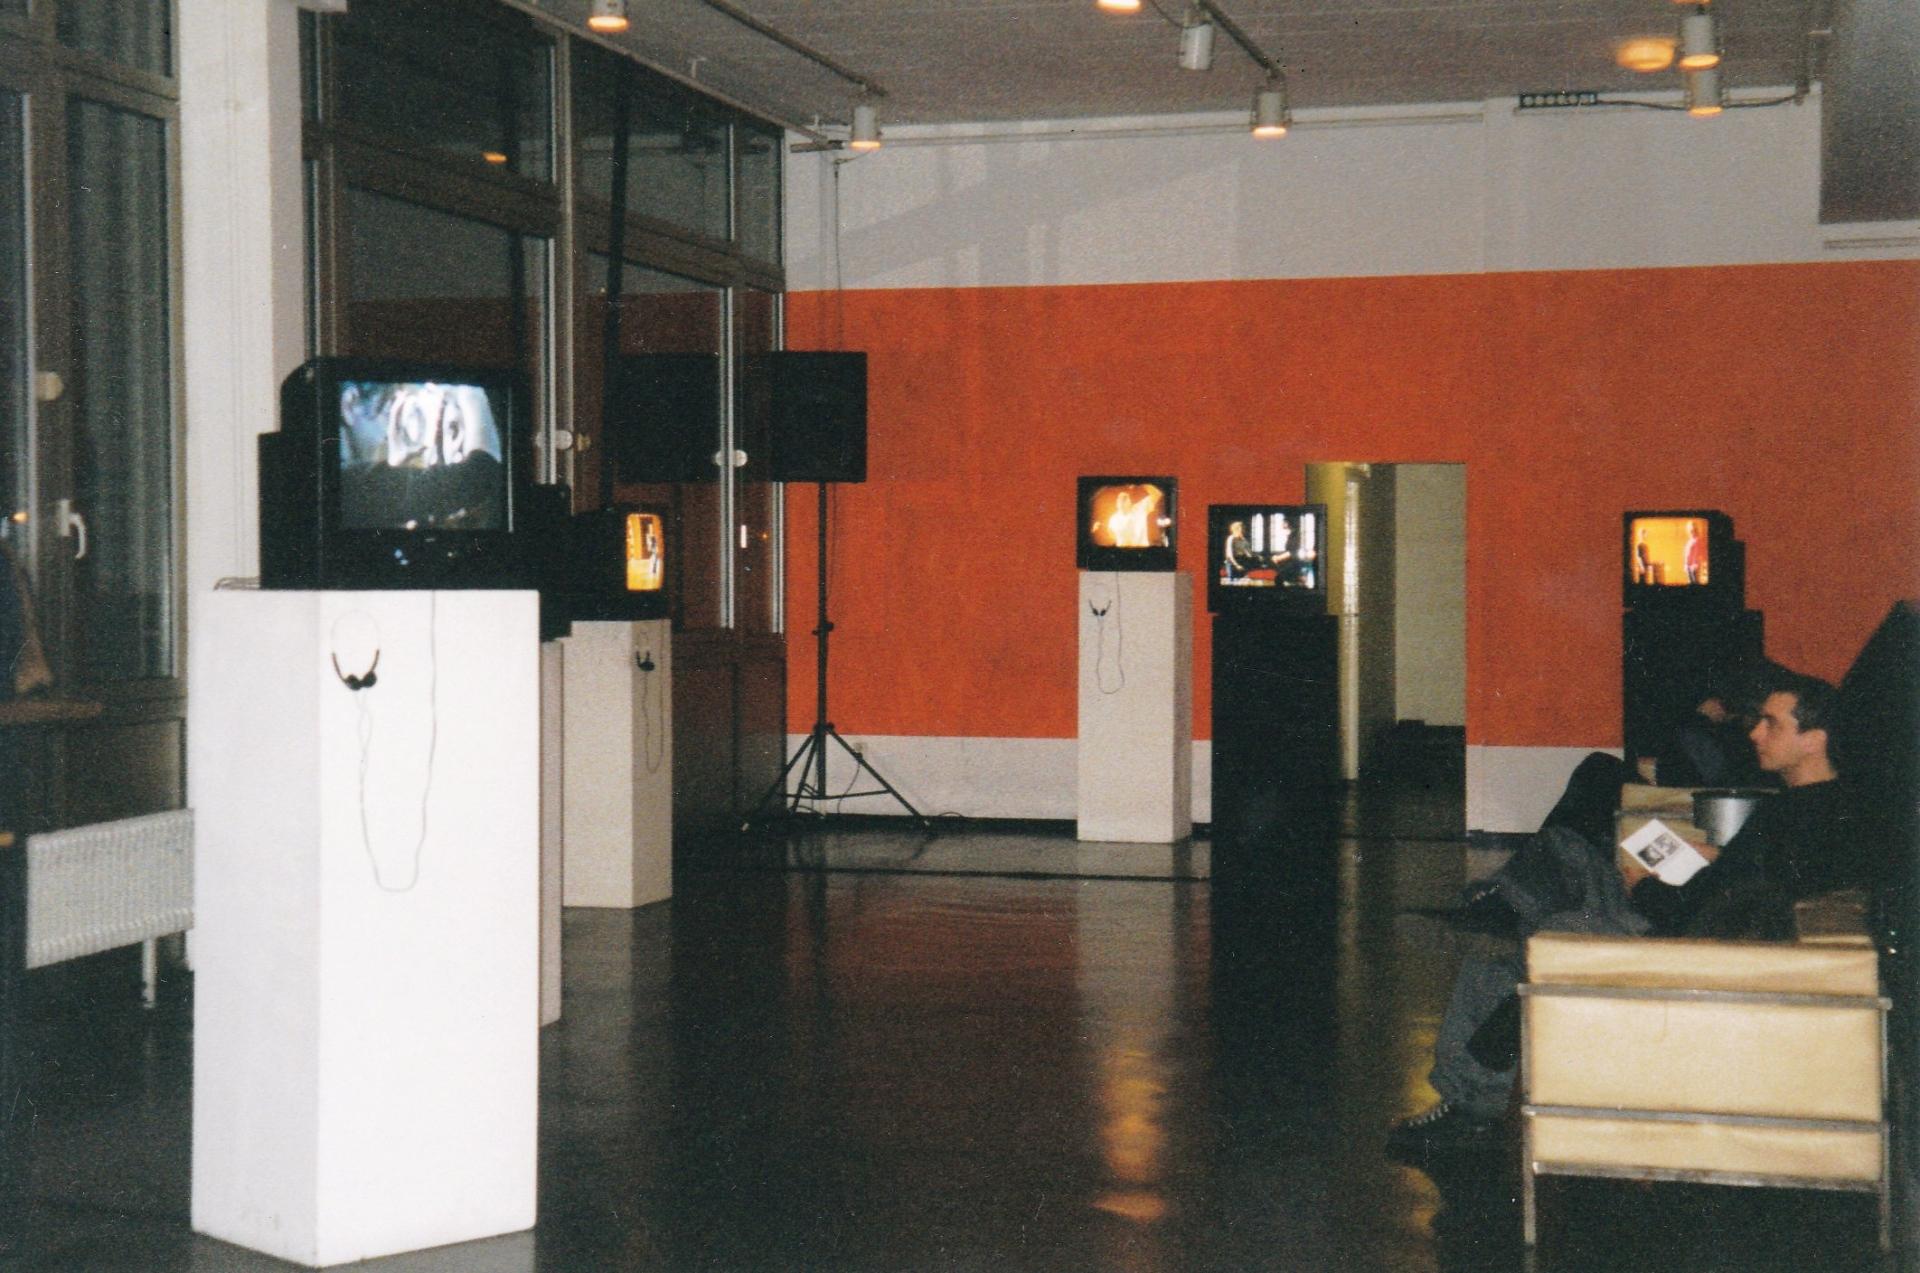 laboratorium haus 1 Lydia Müller – Installation